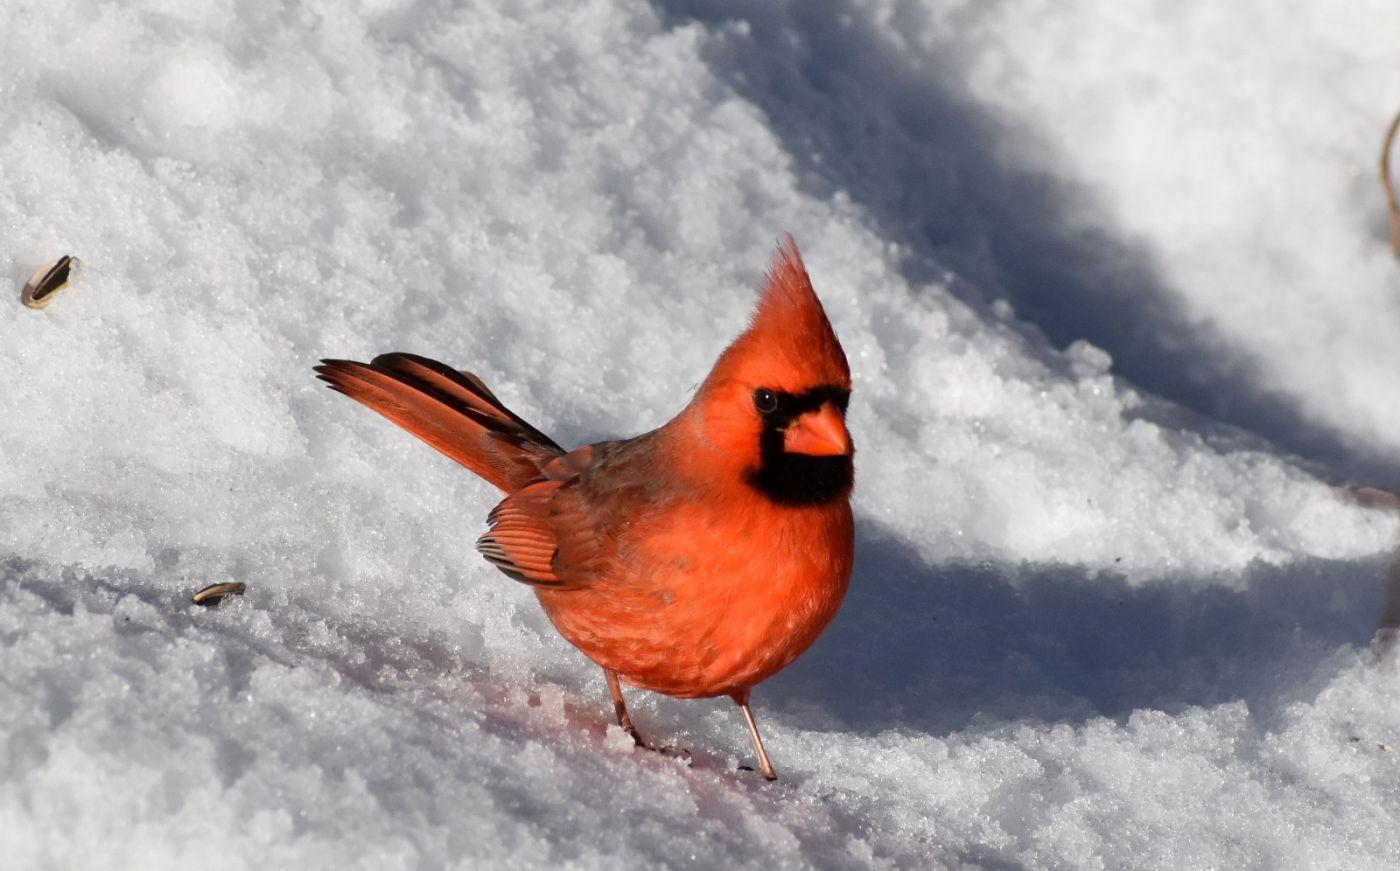 雪后鸟儿忙觅食_图1-8